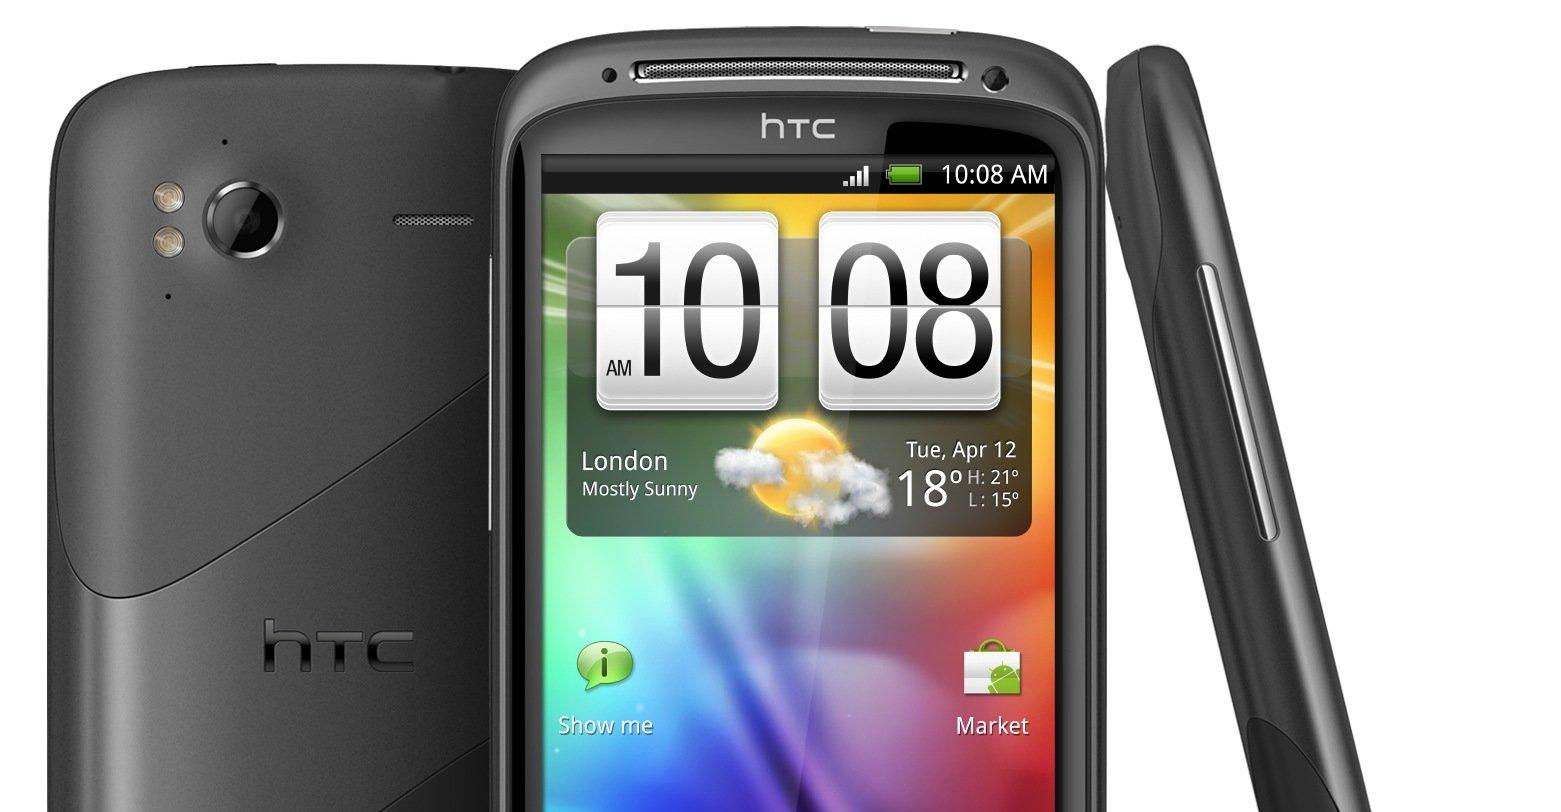 Patentselskapet IPCom prøver å få stoppet salget av HTC-telefoner i Tyskland.